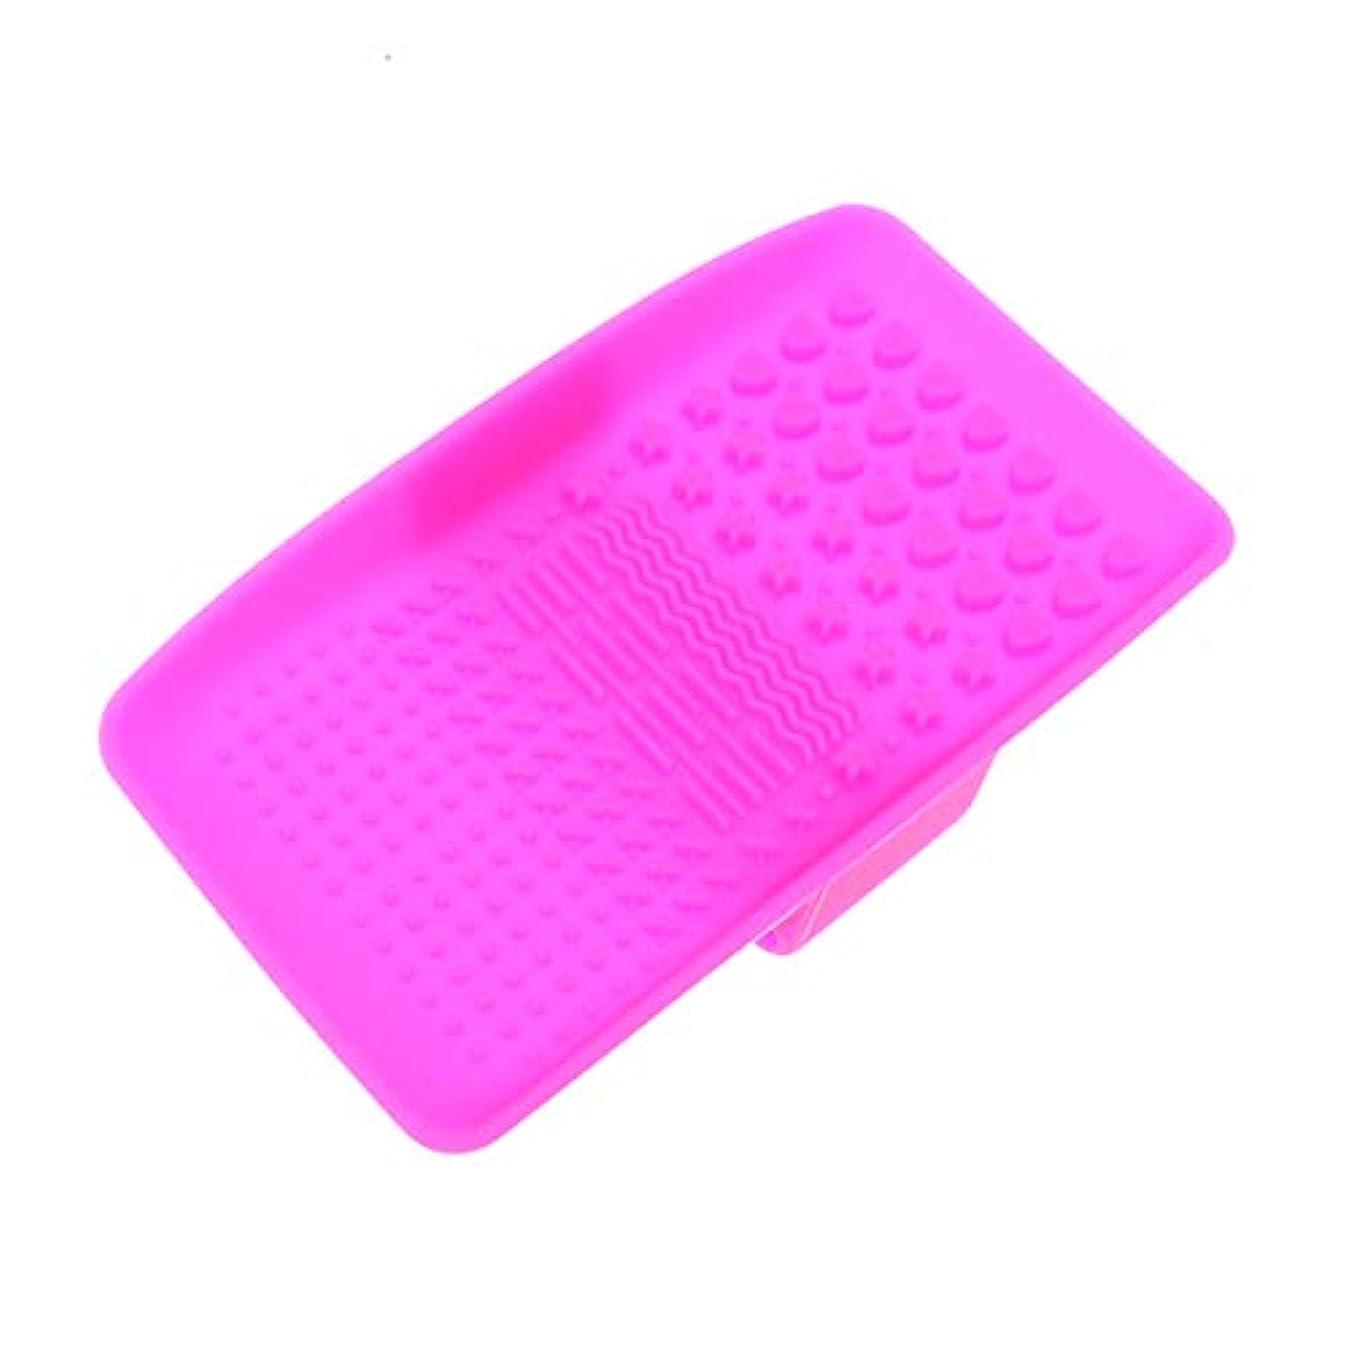 捧げる裂け目ピックBeaupretty 吸引ブラシが付いているシリコーンのブラシのクリーニングのマットの携帯用化粧品のブラシの洗剤